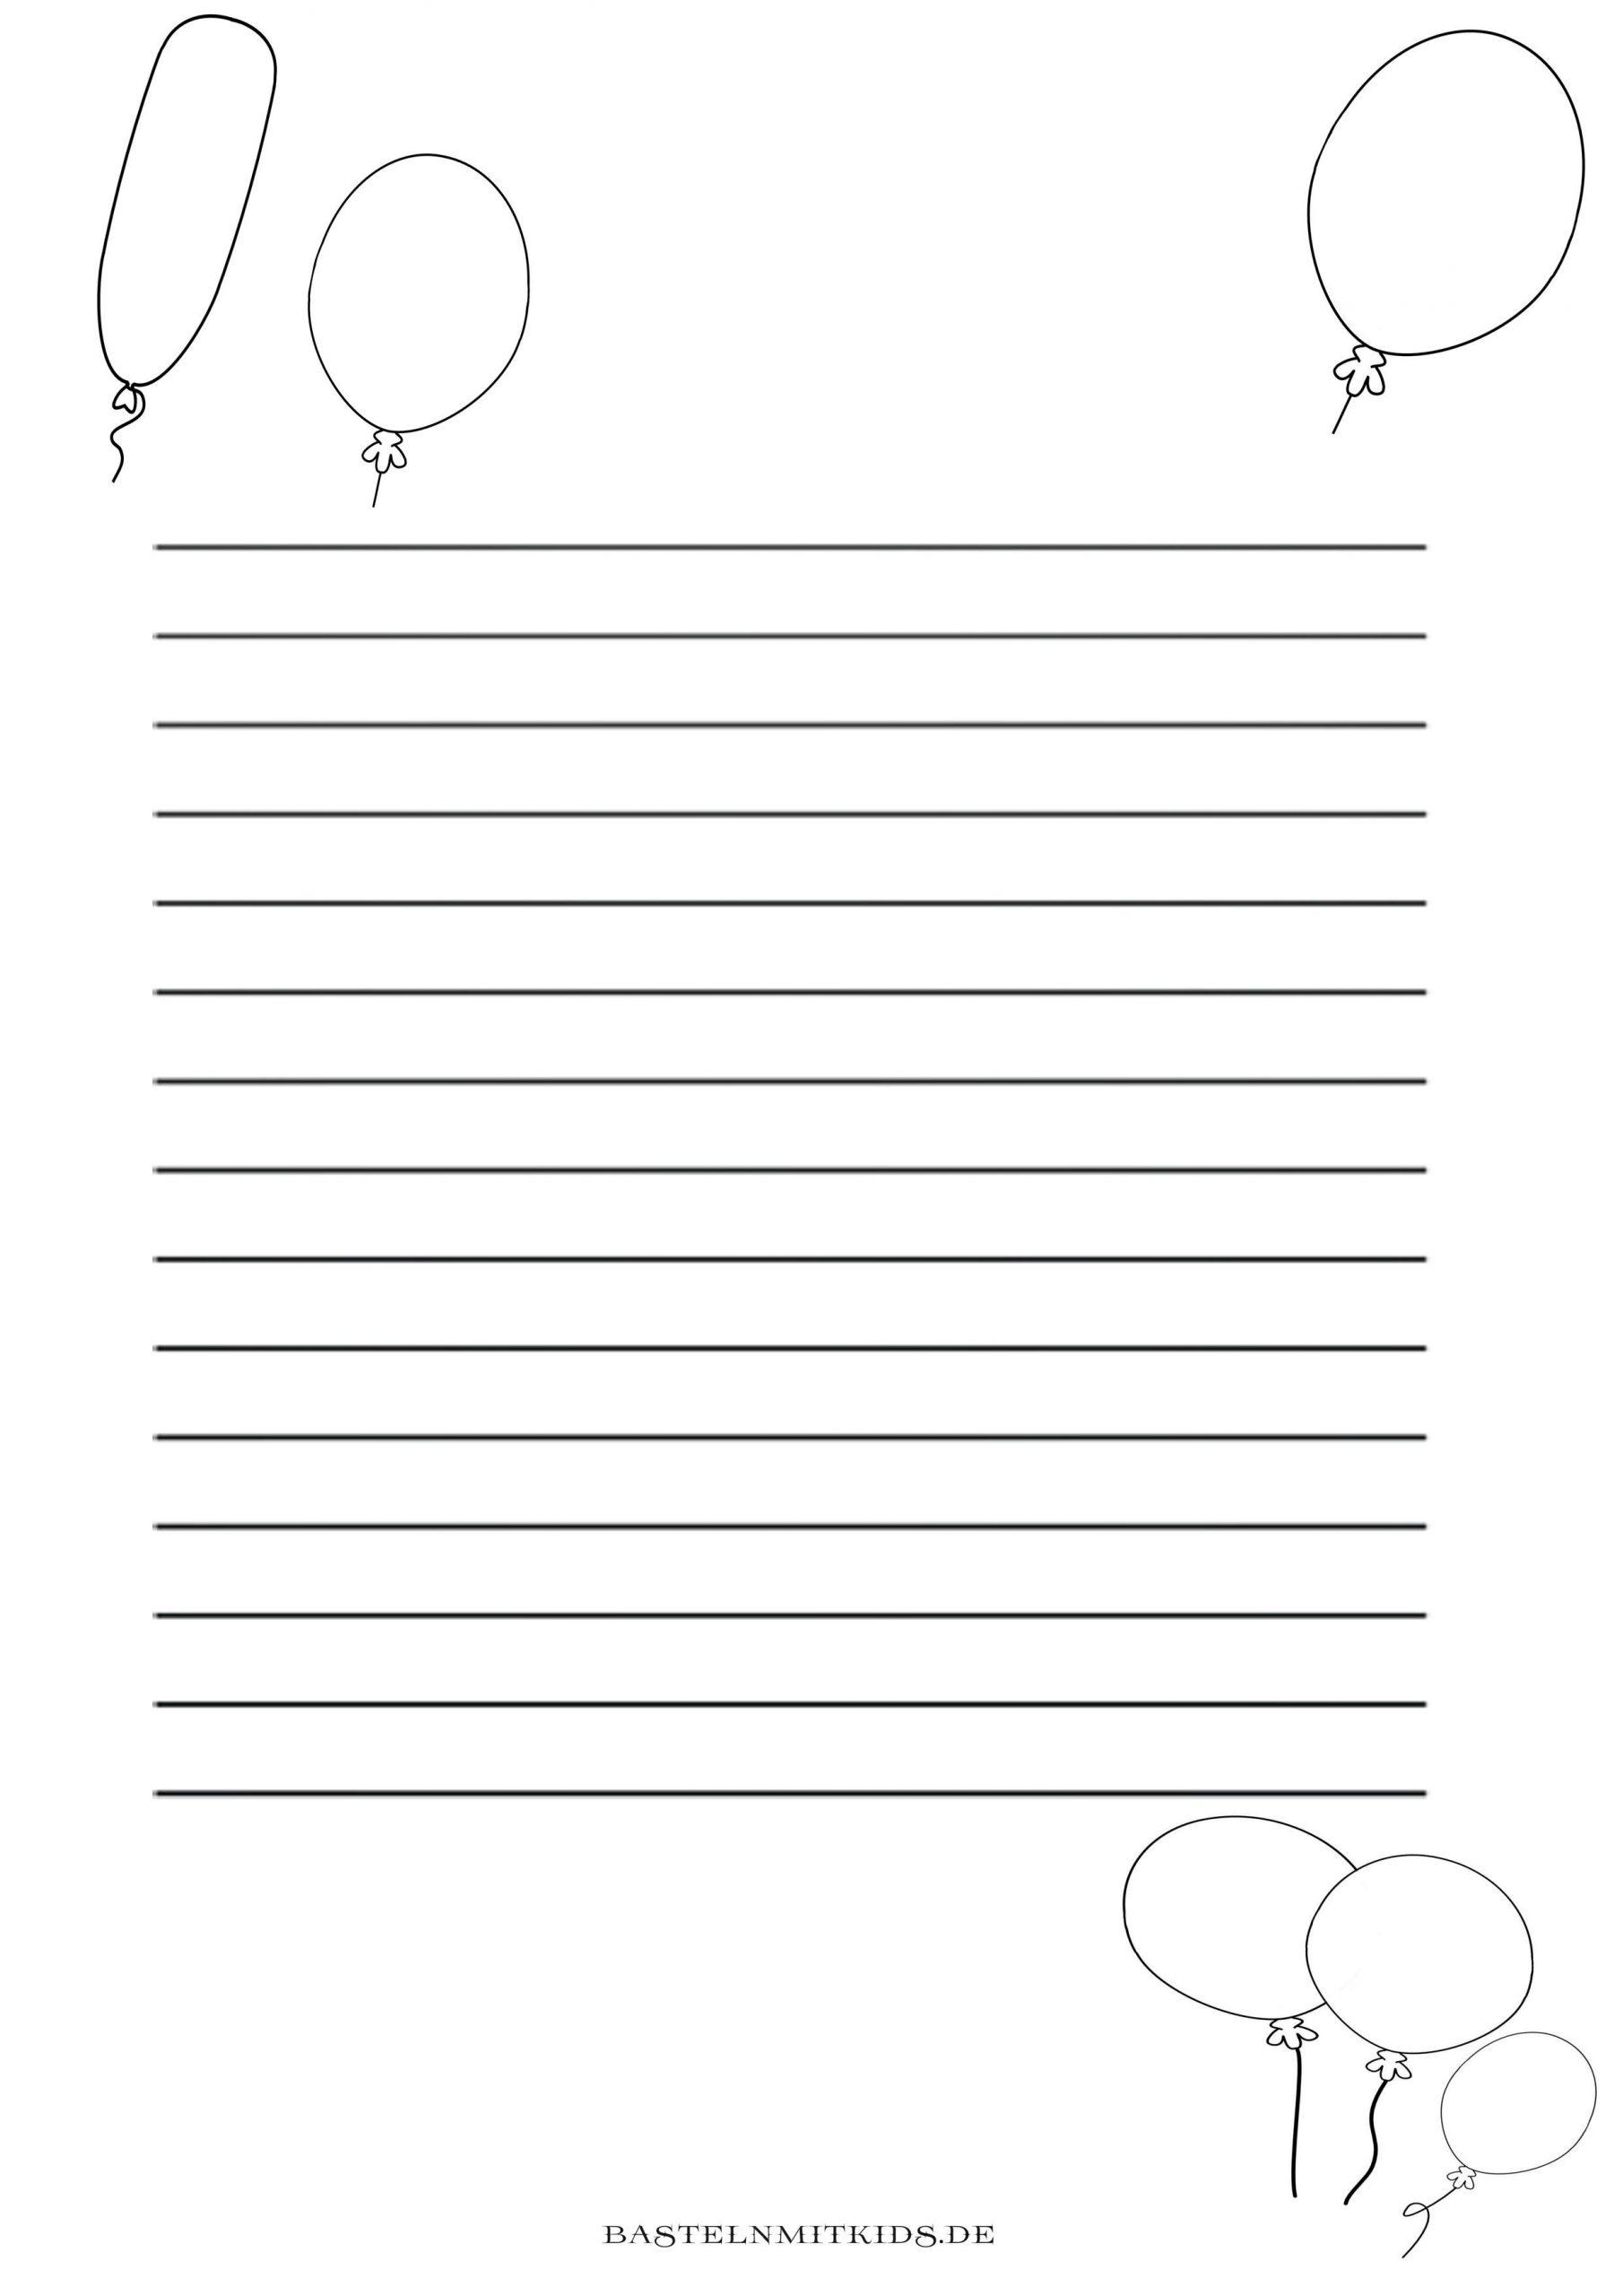 Malvorlagen Und Briefpapier Gratis Zum Drucken - Basteln Mit mit Briefpapier Drucken Kostenlos